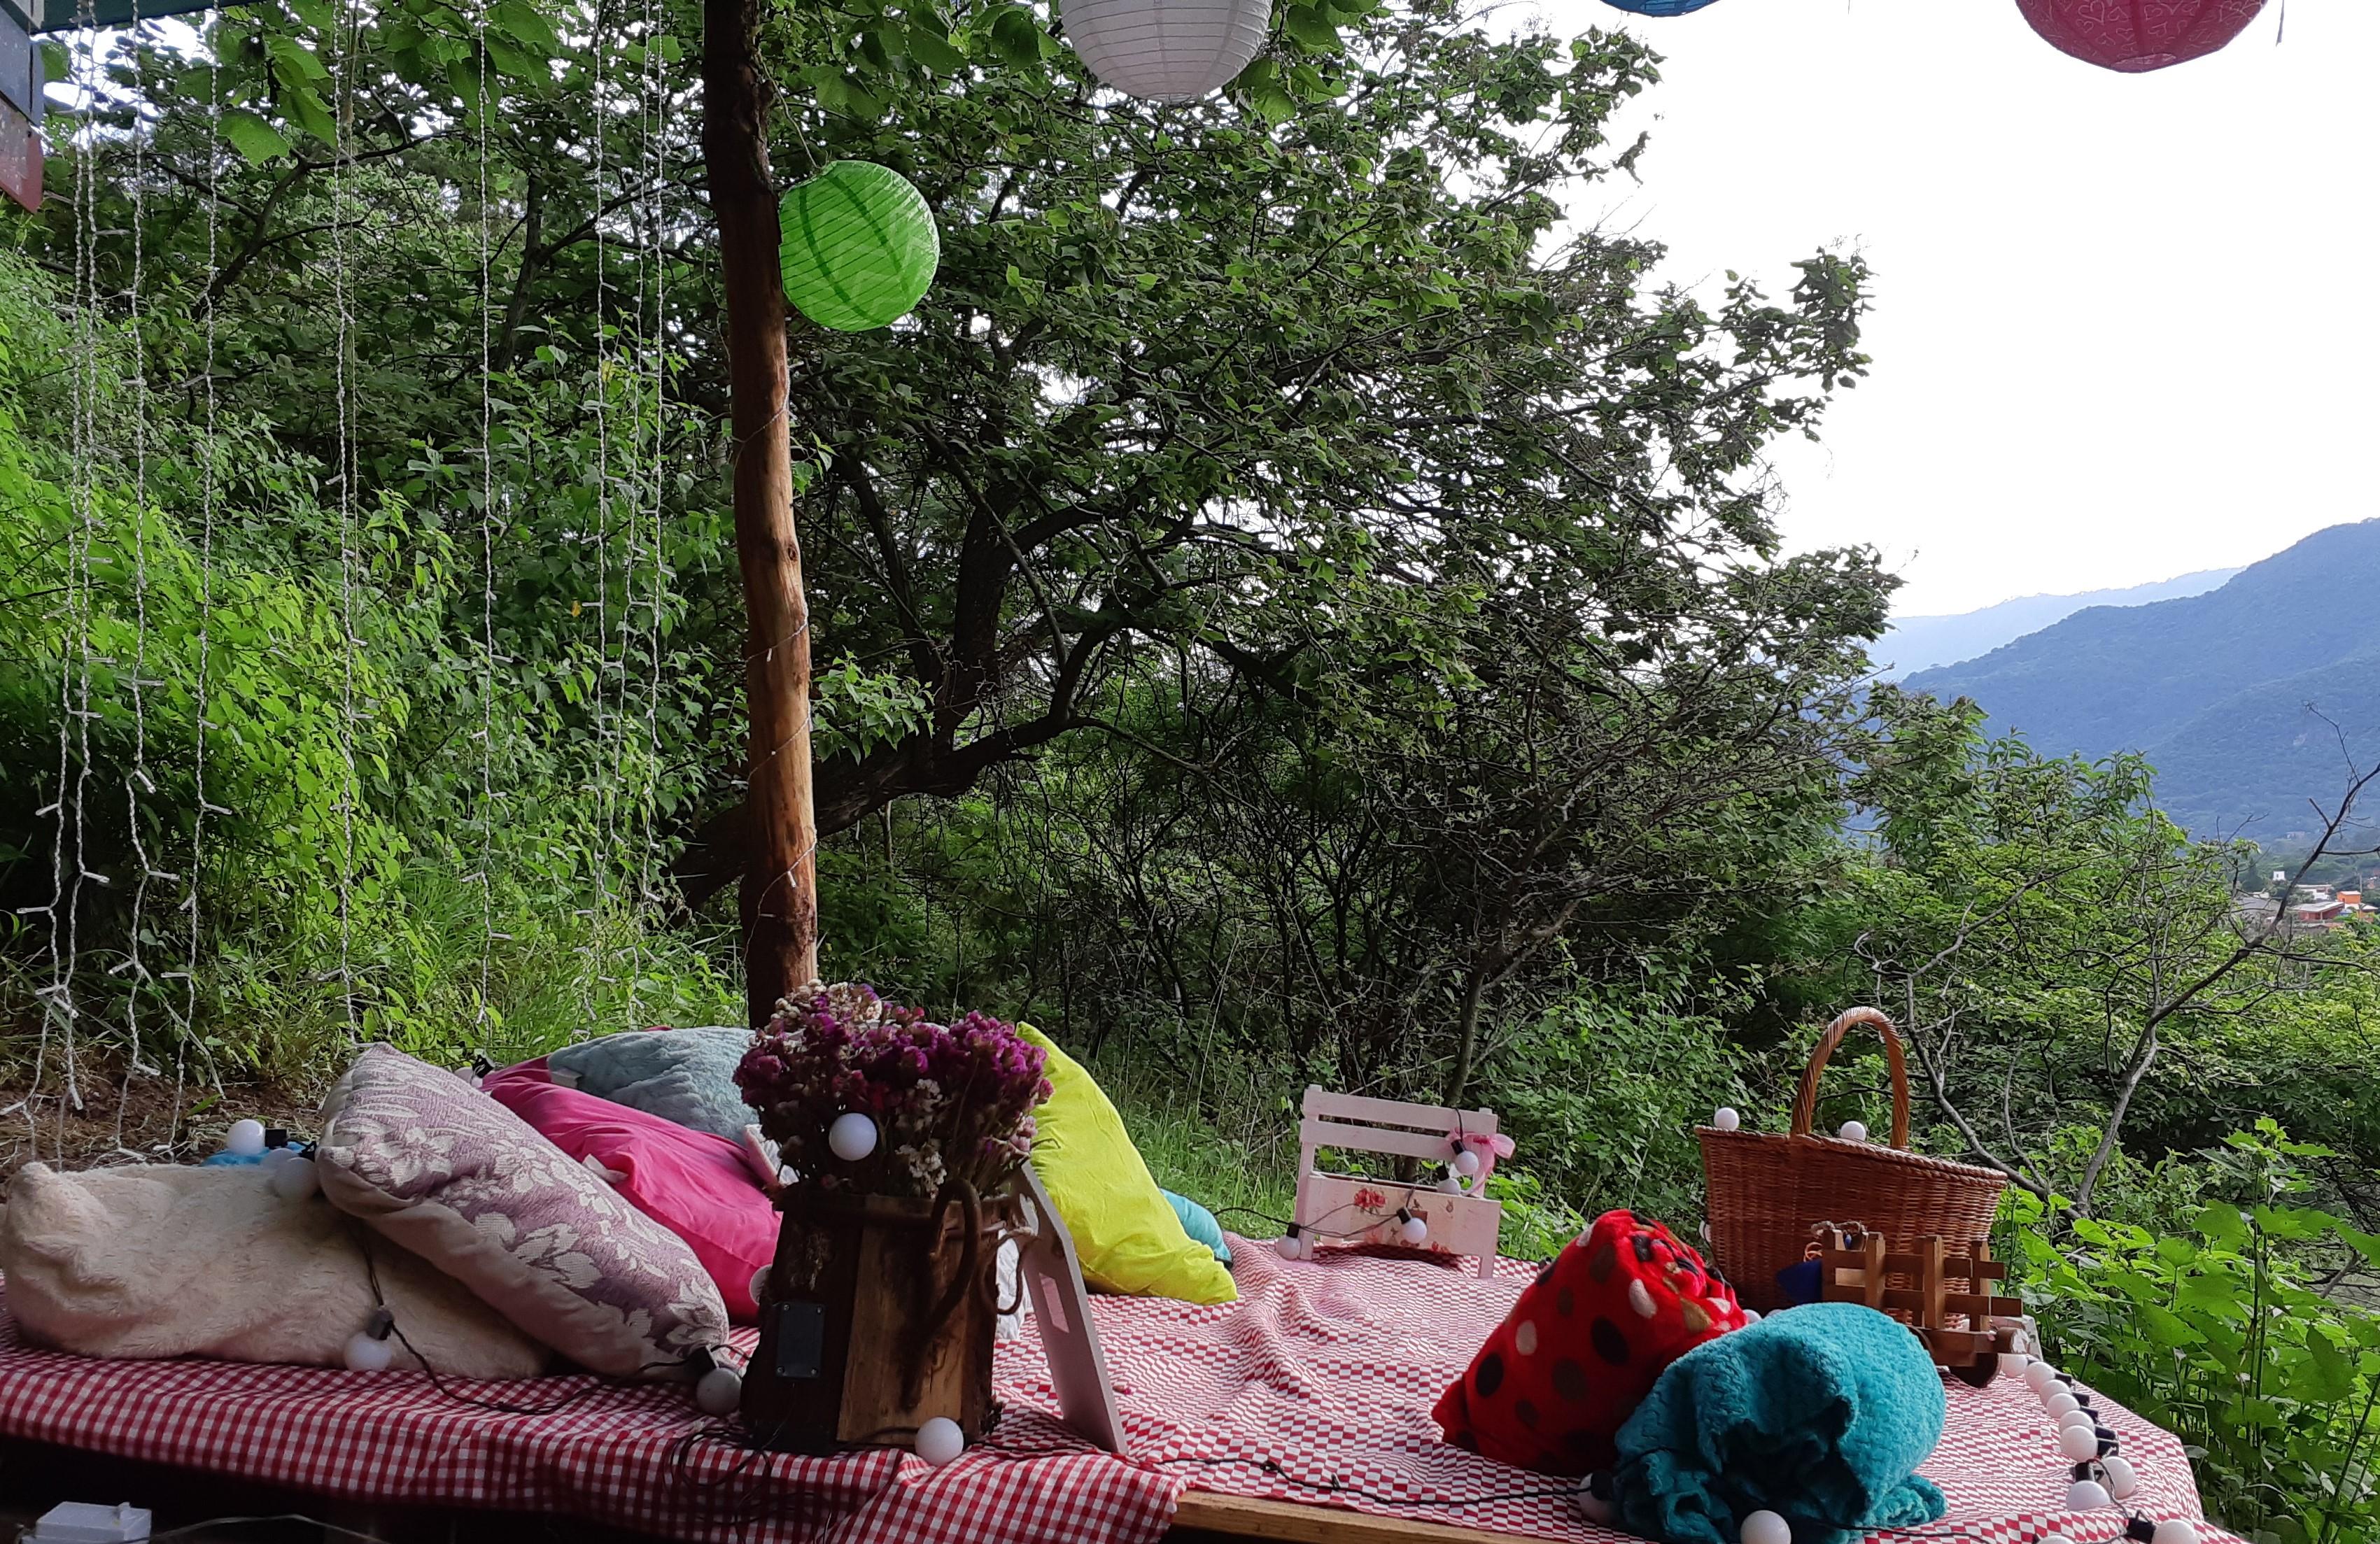 picnicclasico0.jpg